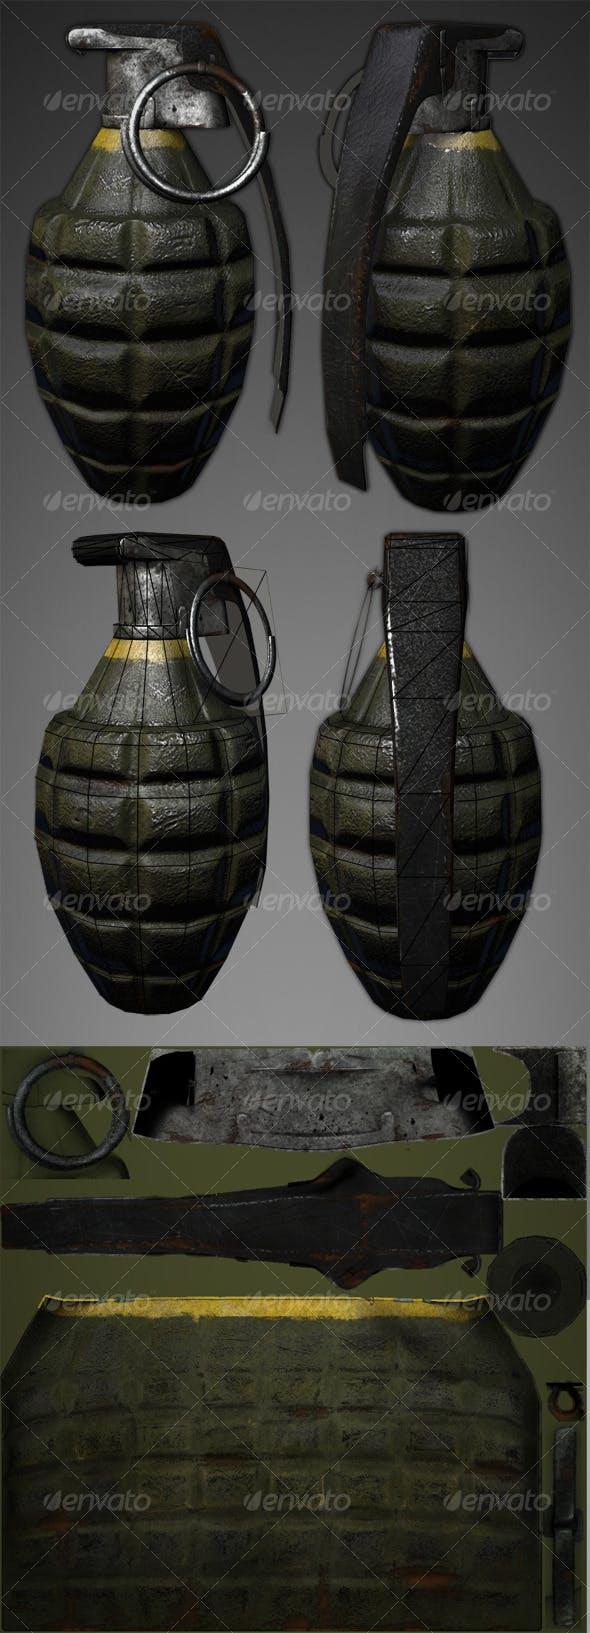 Lowpoly Pineapple Grenade - 3DOcean Item for Sale